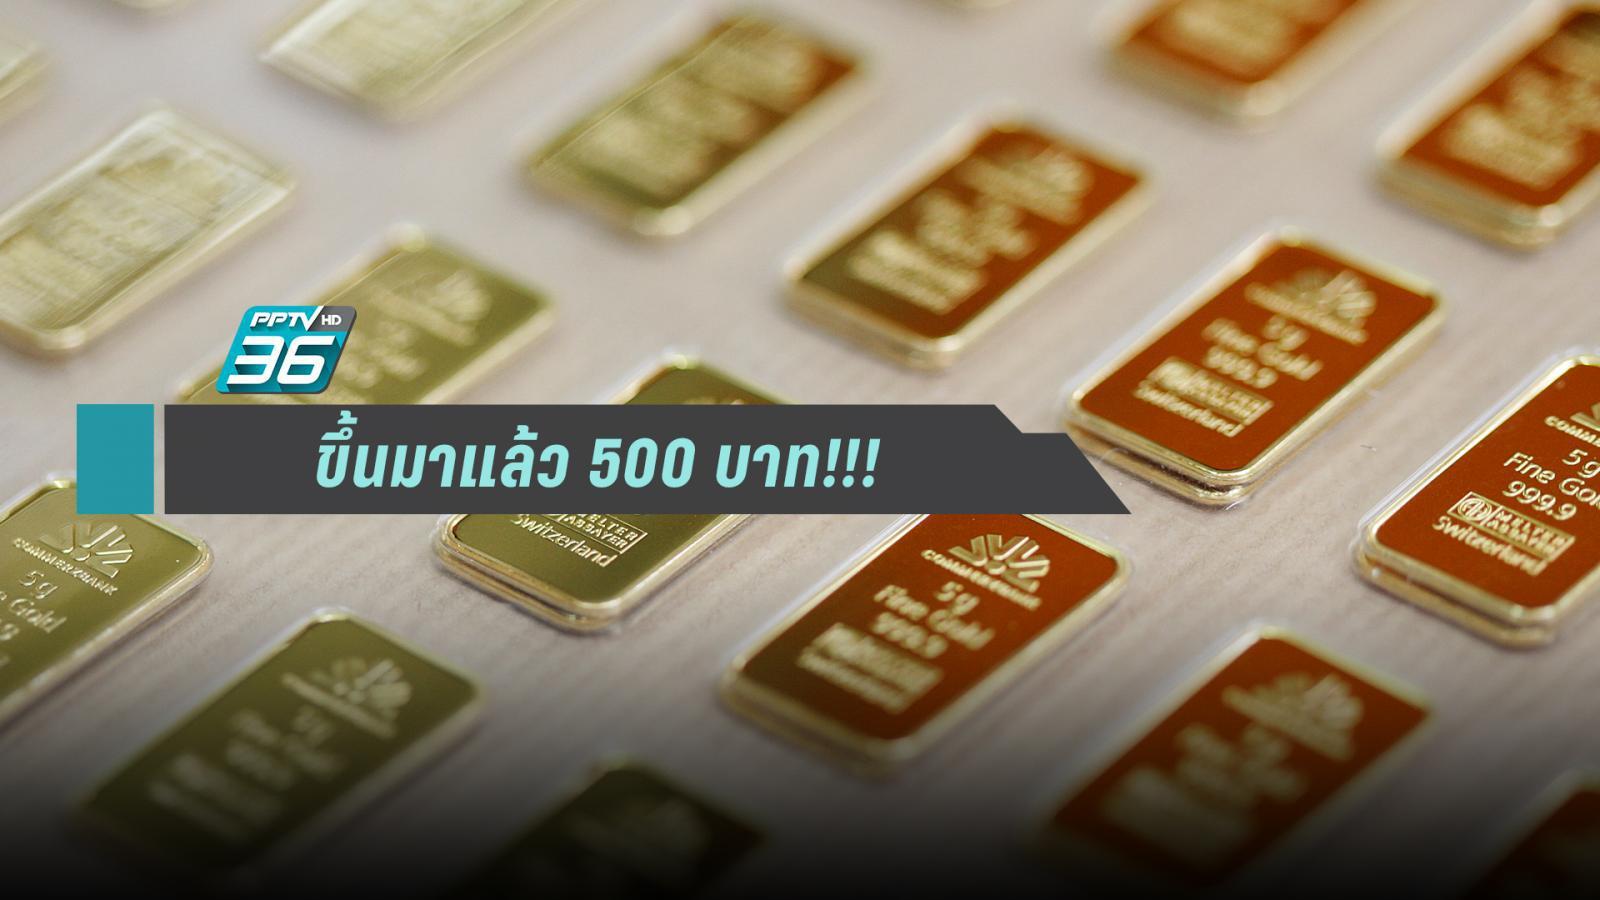 ทองขึ้นแรงก่อนรับปีใหม่ 400-500 บาท  ตั้งแต่คริสต์มาส